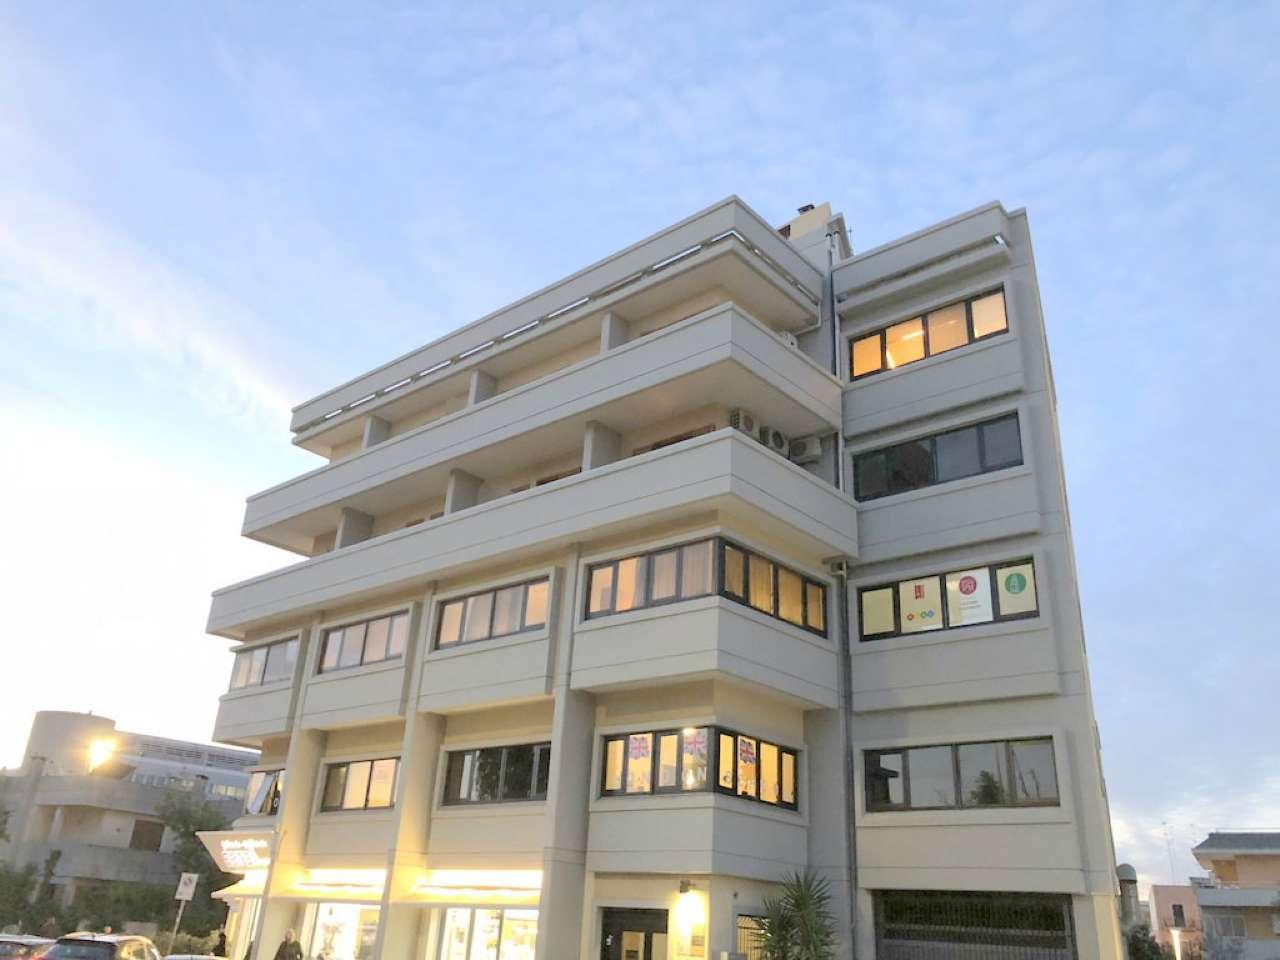 Attico / Mansarda in vendita a Lecce, 2 locali, prezzo € 82.000 | PortaleAgenzieImmobiliari.it